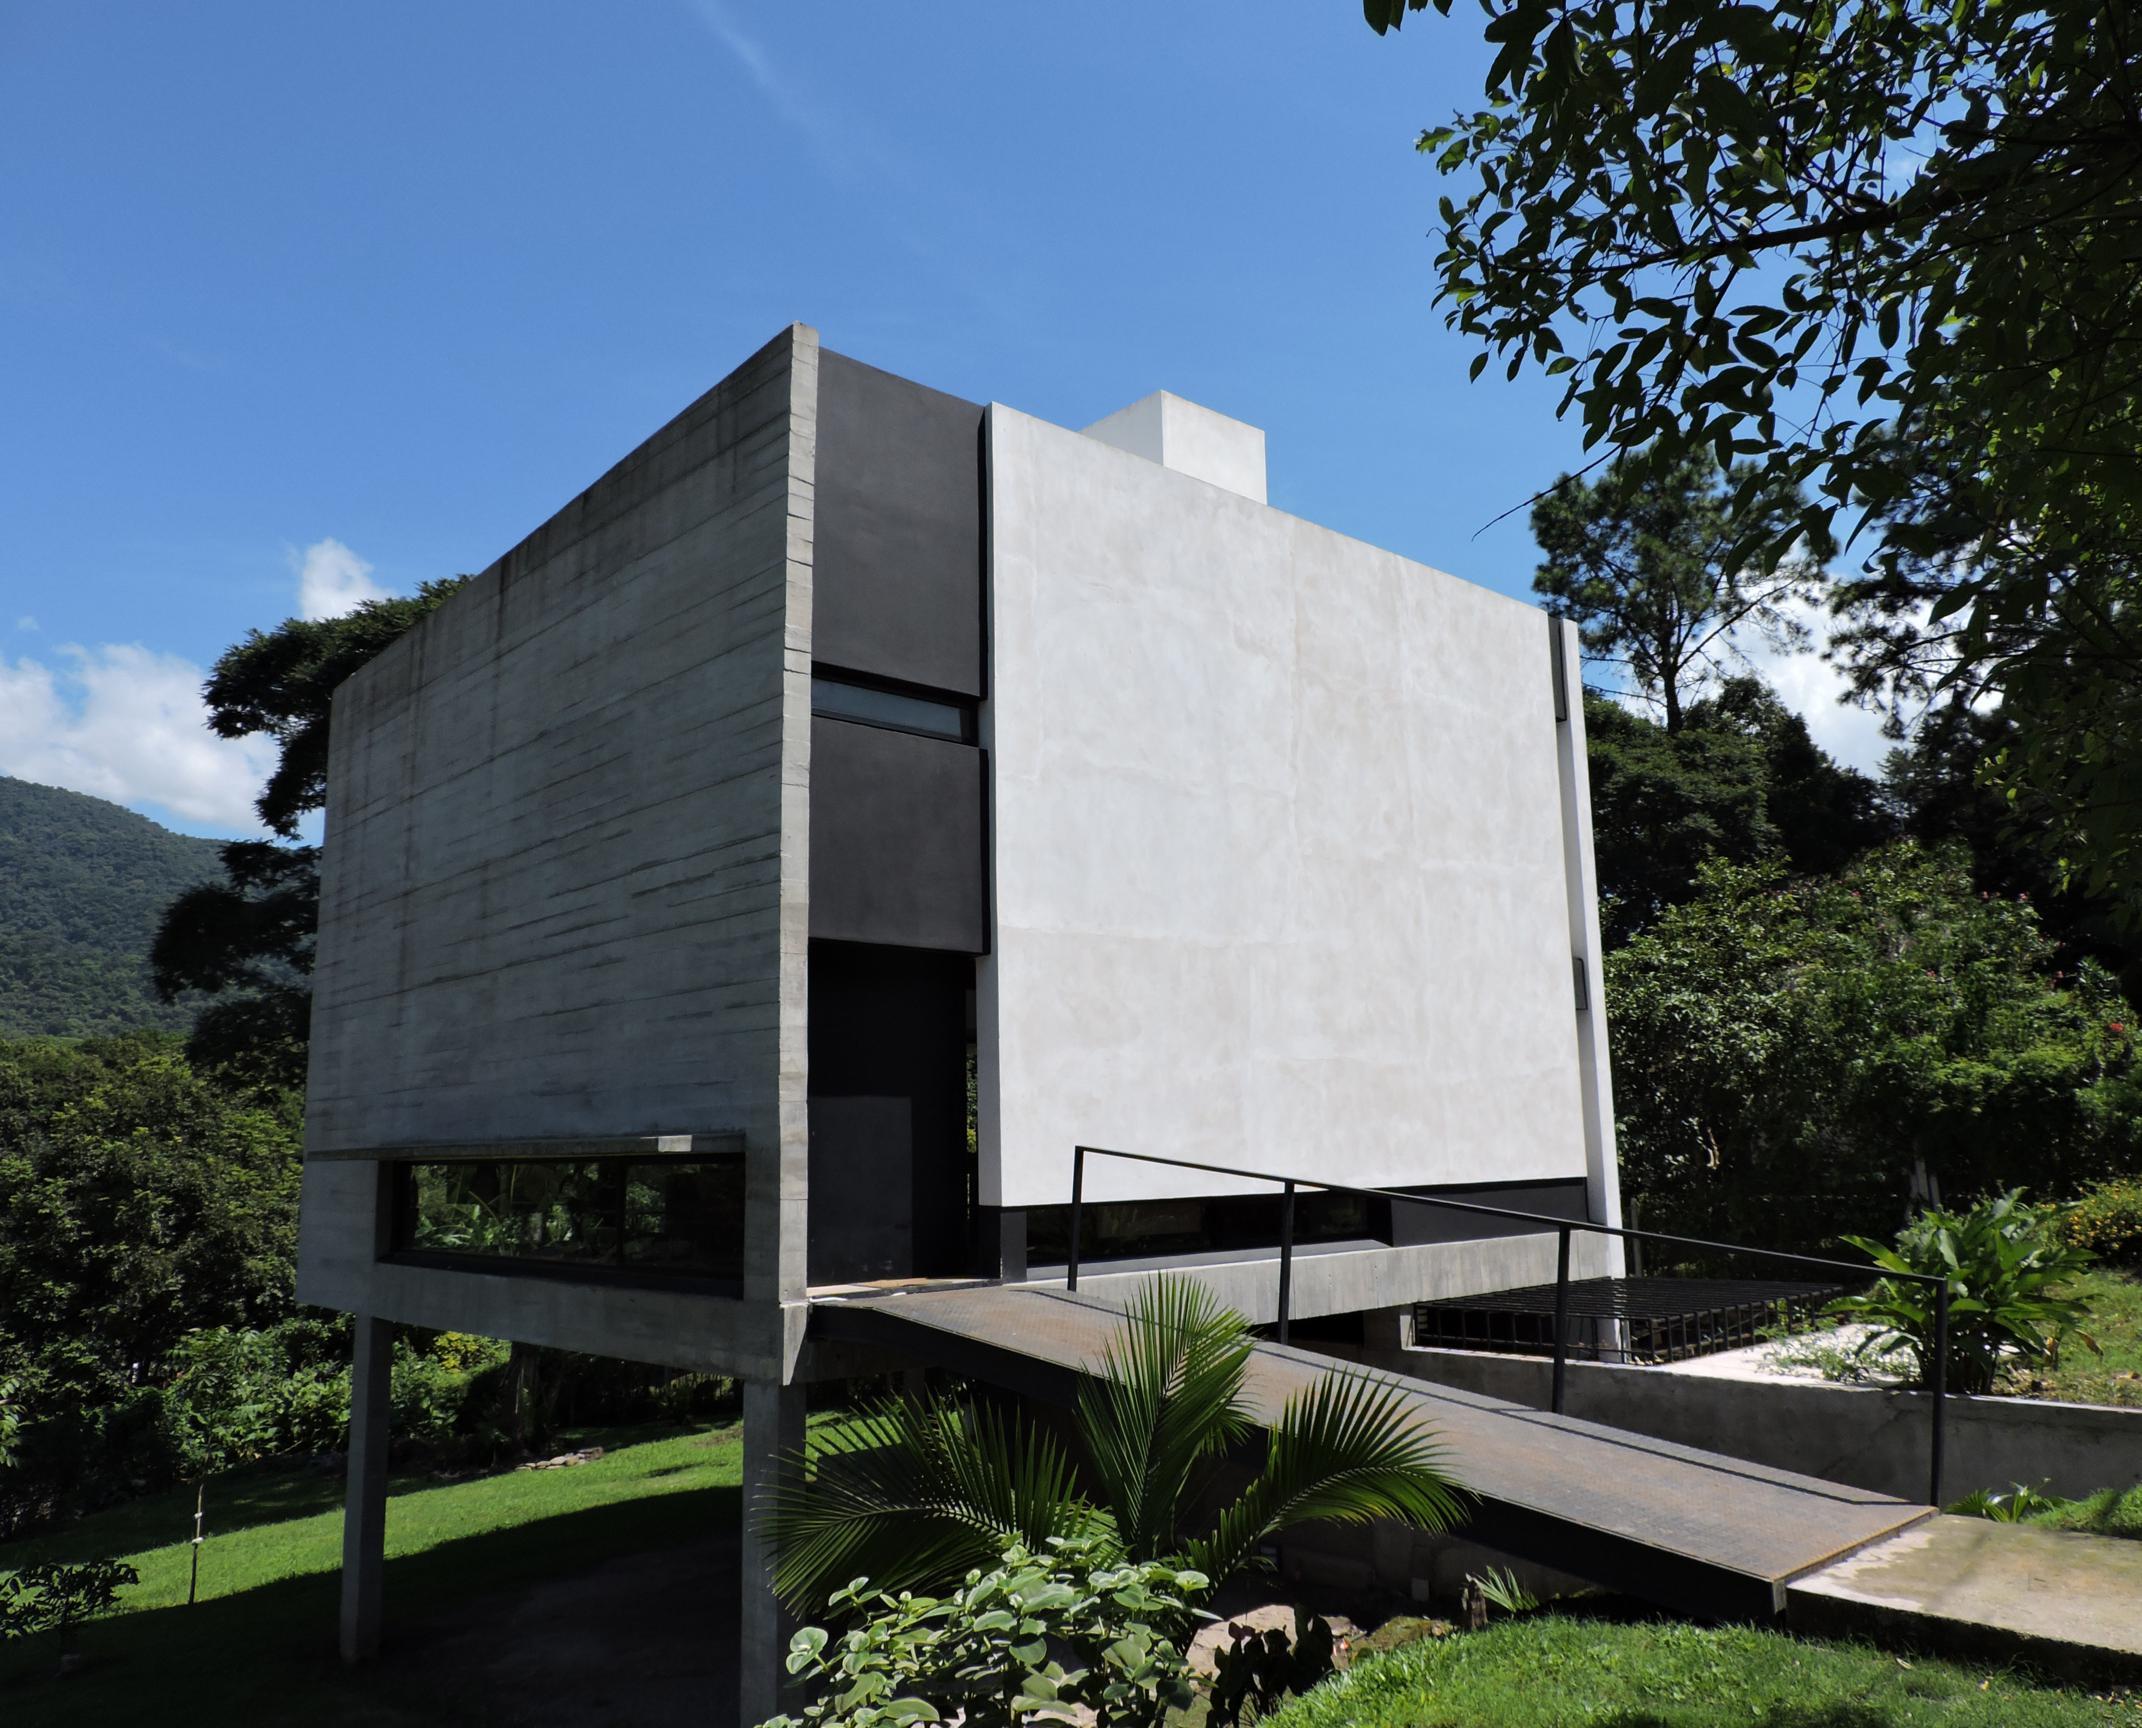 Casa cubo (10)